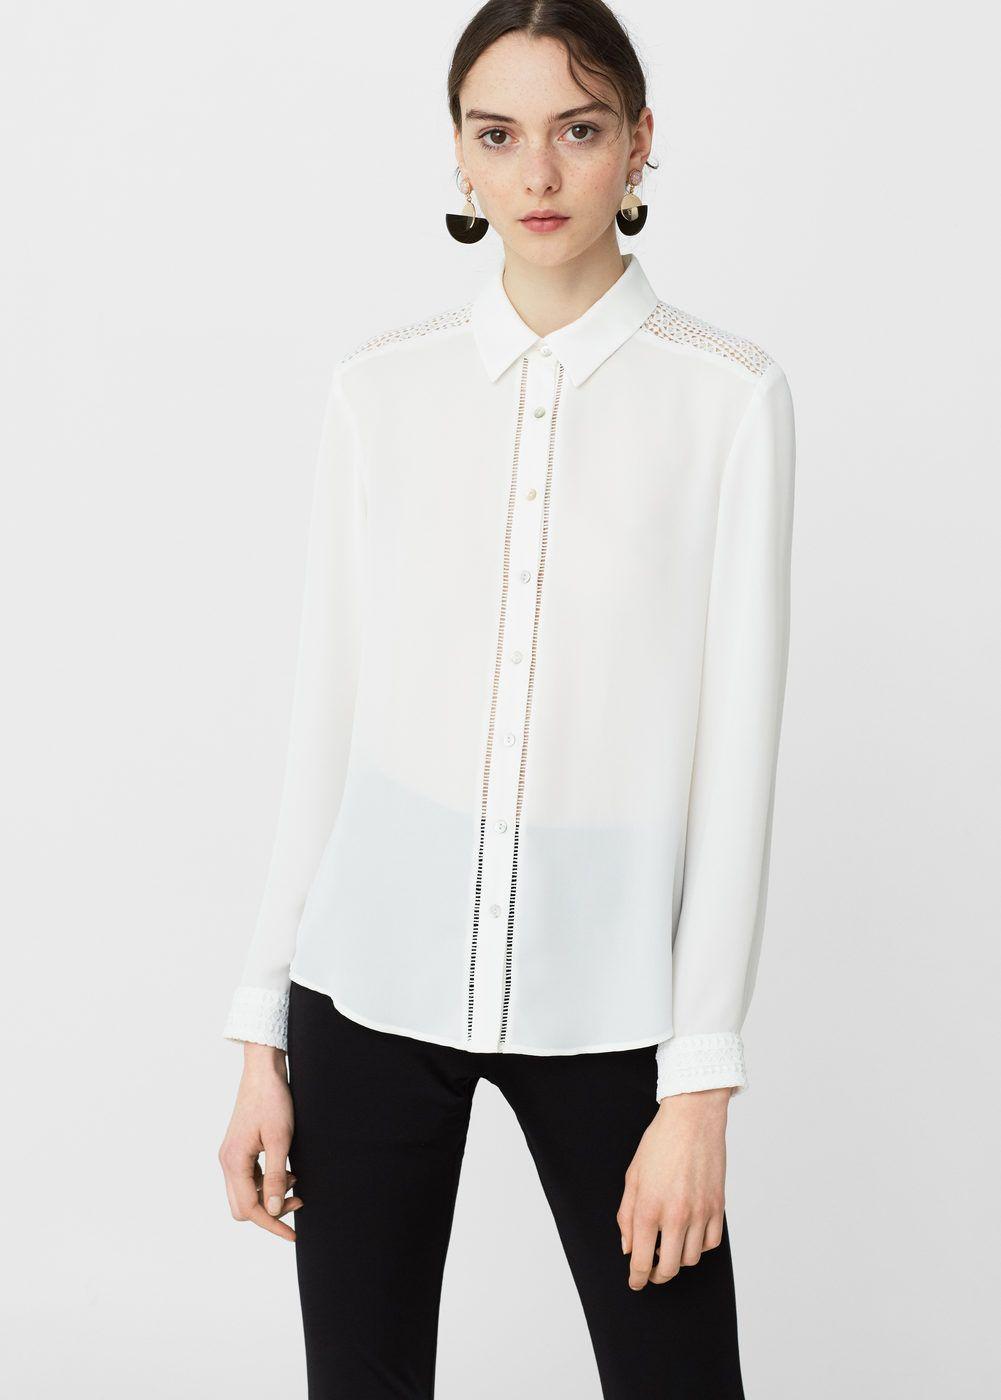 Túnica 2019Aw Y 17 Camisa BlancaCamisas En 16 Mujer Fluida vmNO0wny8